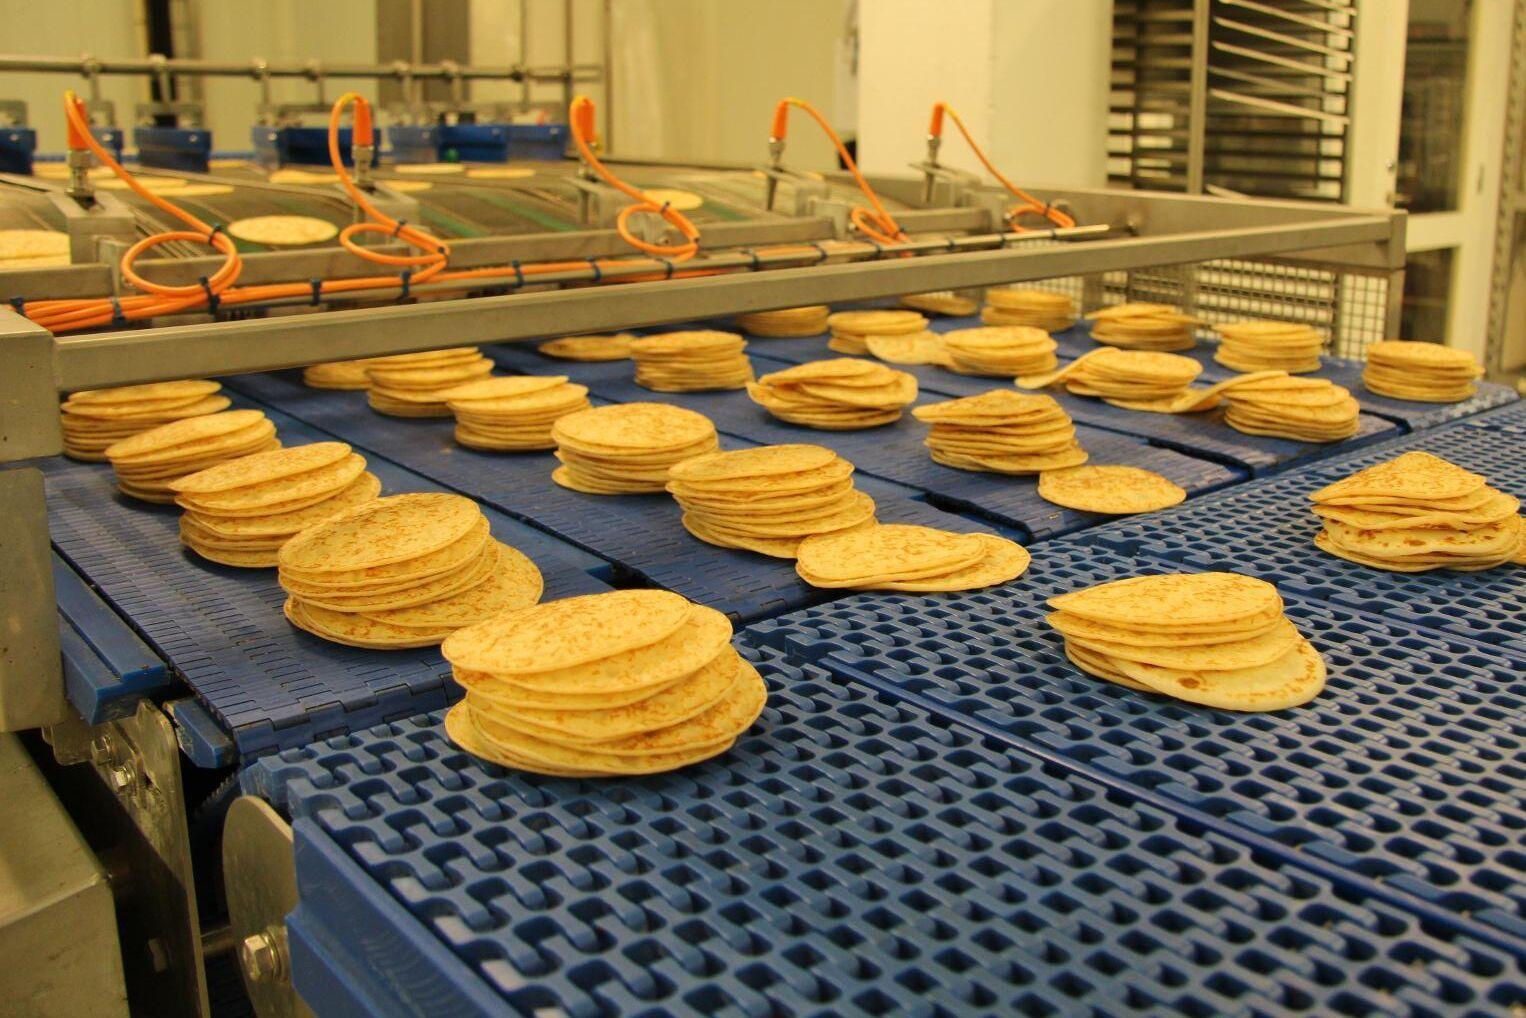 EU:s jordbruksministrar har diskuterat om mat som pannkakor ska märkas med hur äggen producerats. Arkivbild.